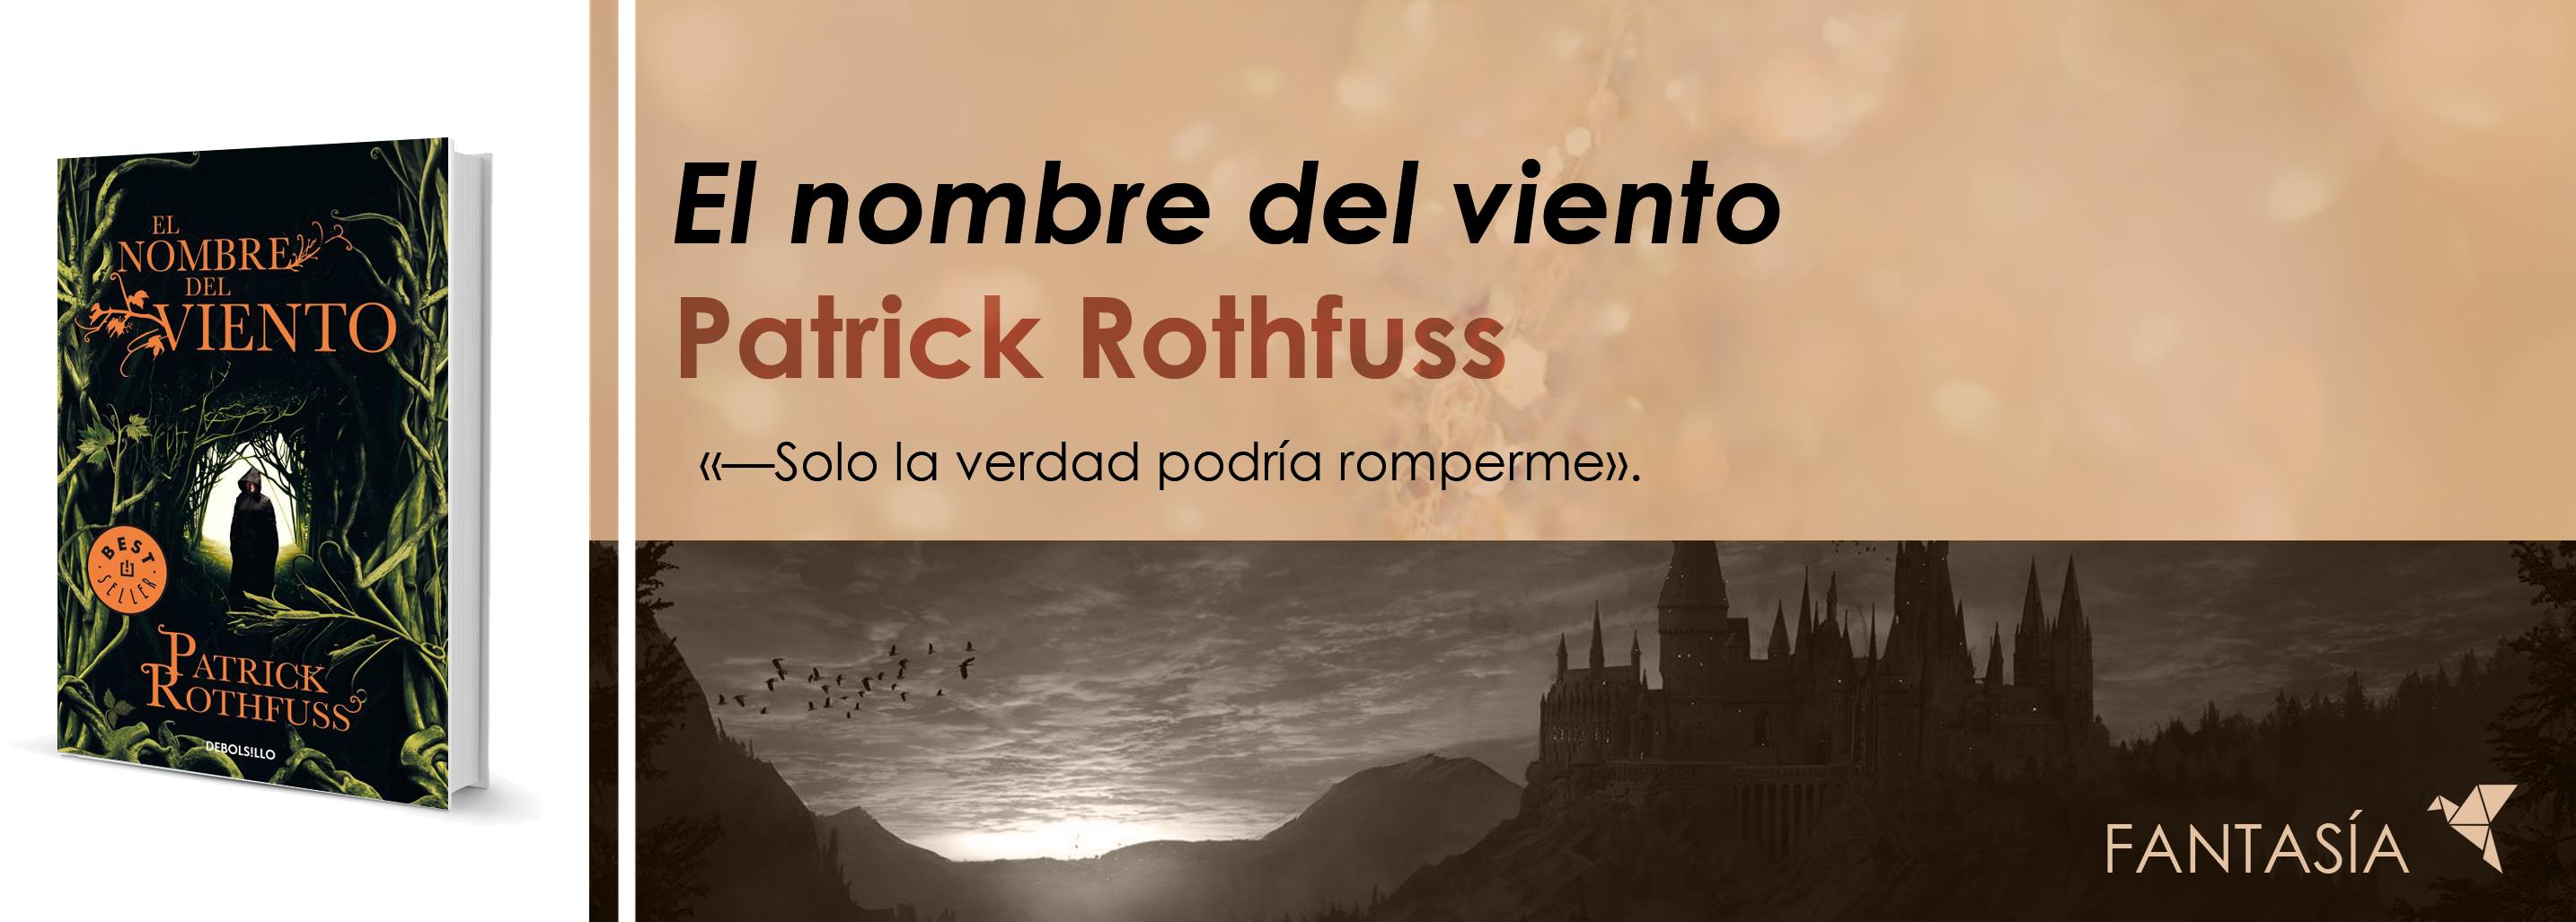 El nombre del viento, de Patrick Rothfuss